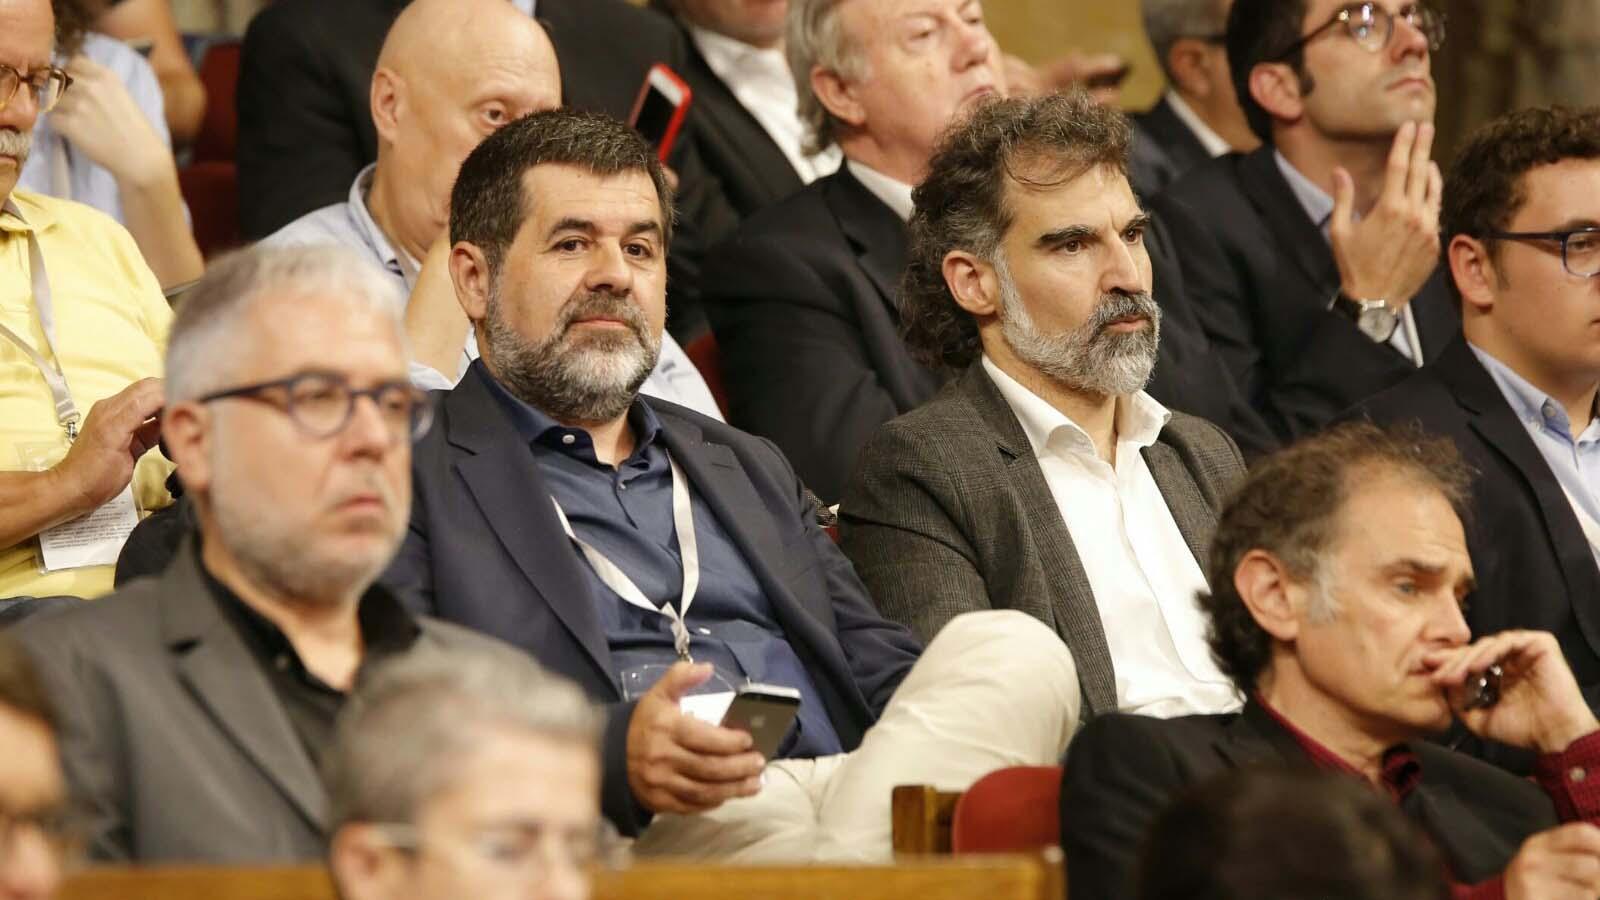 Jordi Sànchez y Jordi Cuixart obtuvieron detención provisional sin fianza por el presunto delito de sedición en relación al proceso separatista catalán